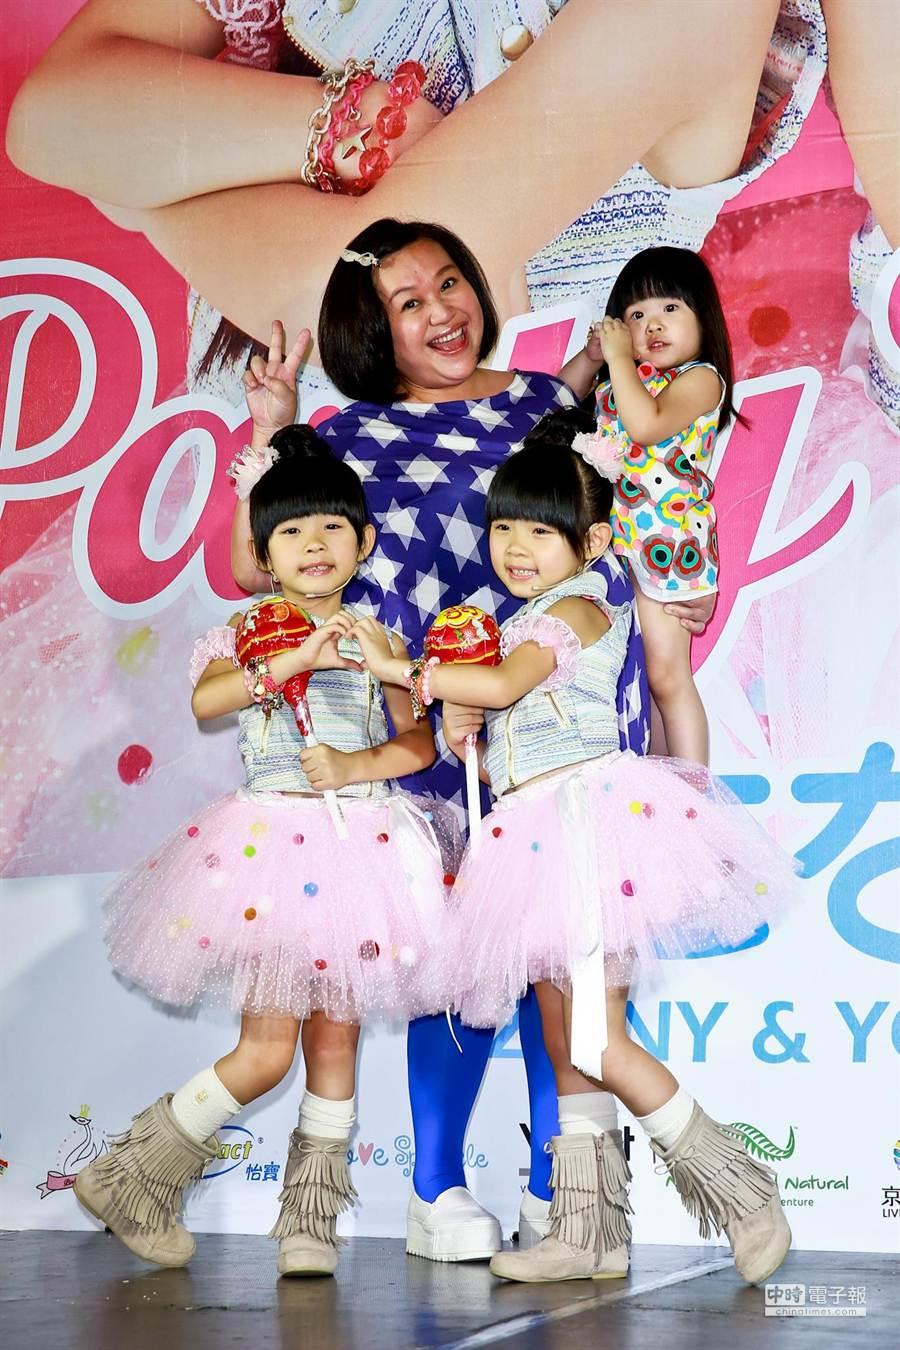 鍾欣凌媽媽與女兒帶來超大支的粉紅棒棒糖到現場幫左右加油打氣。(林弘斌攝)